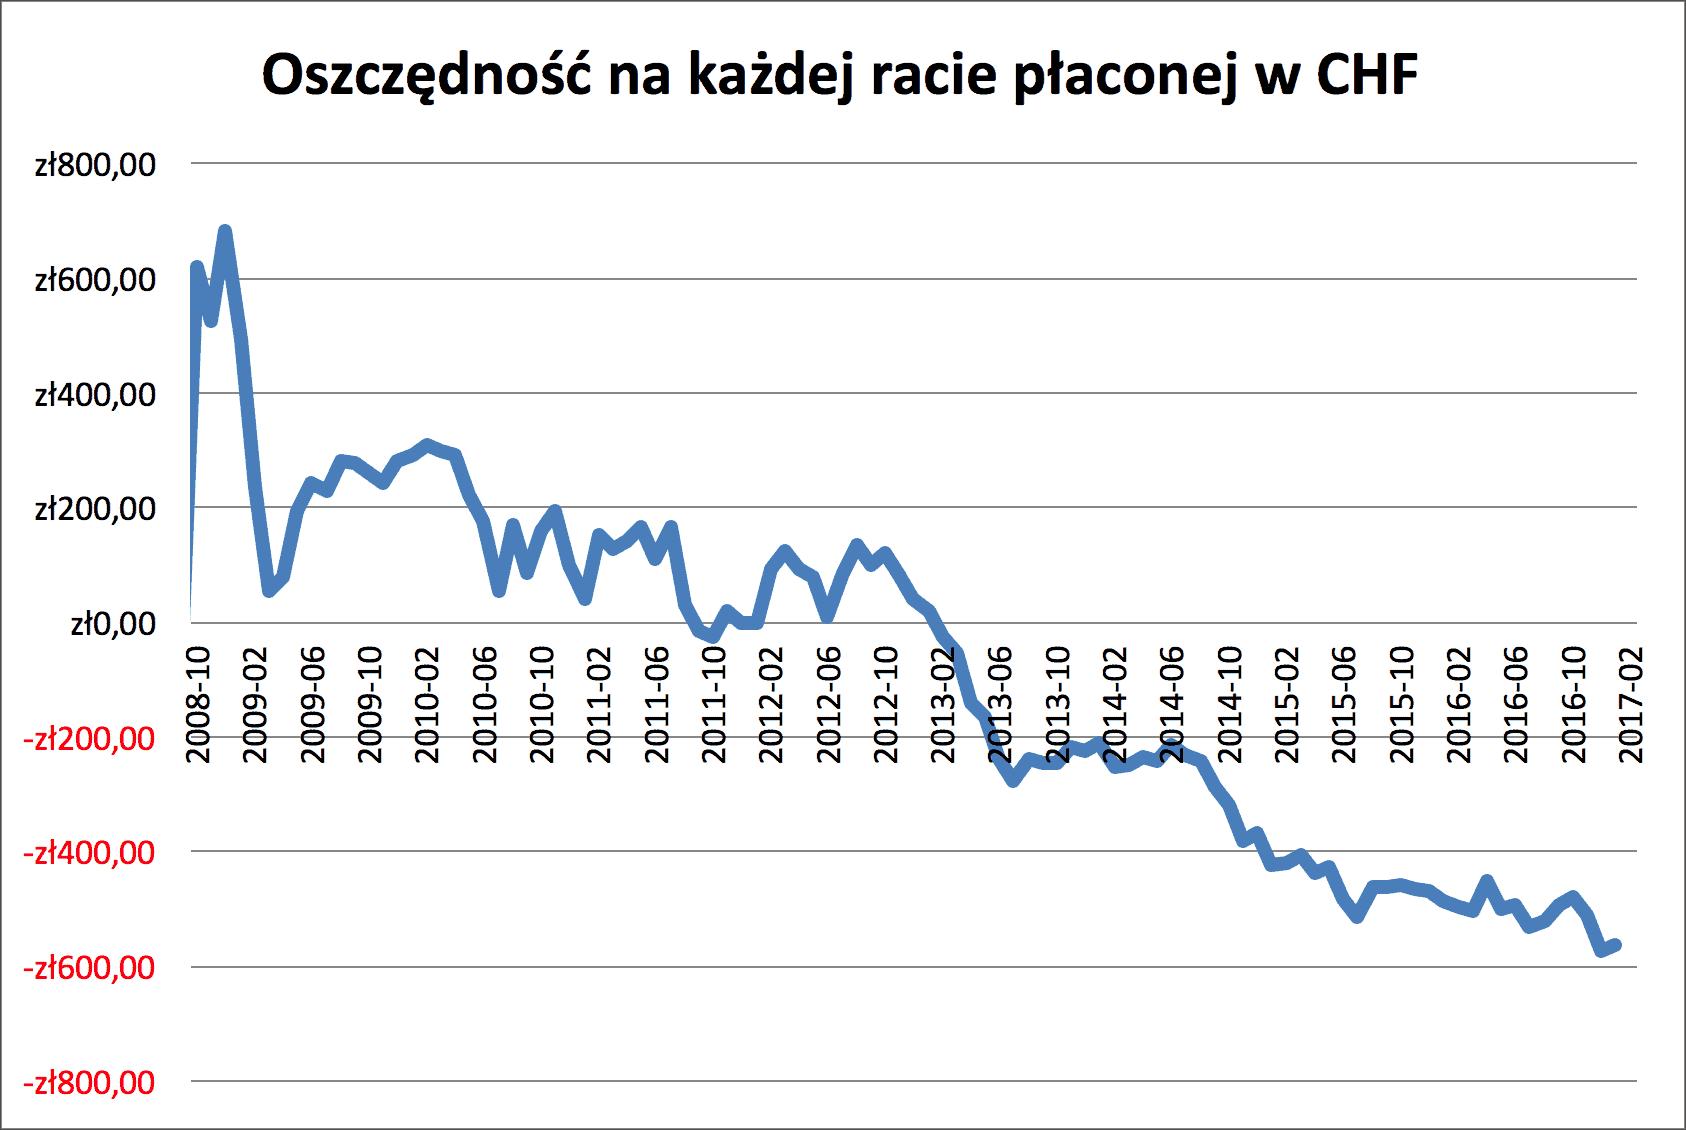 Kredyt CHF i PLN oszczędność na ratach